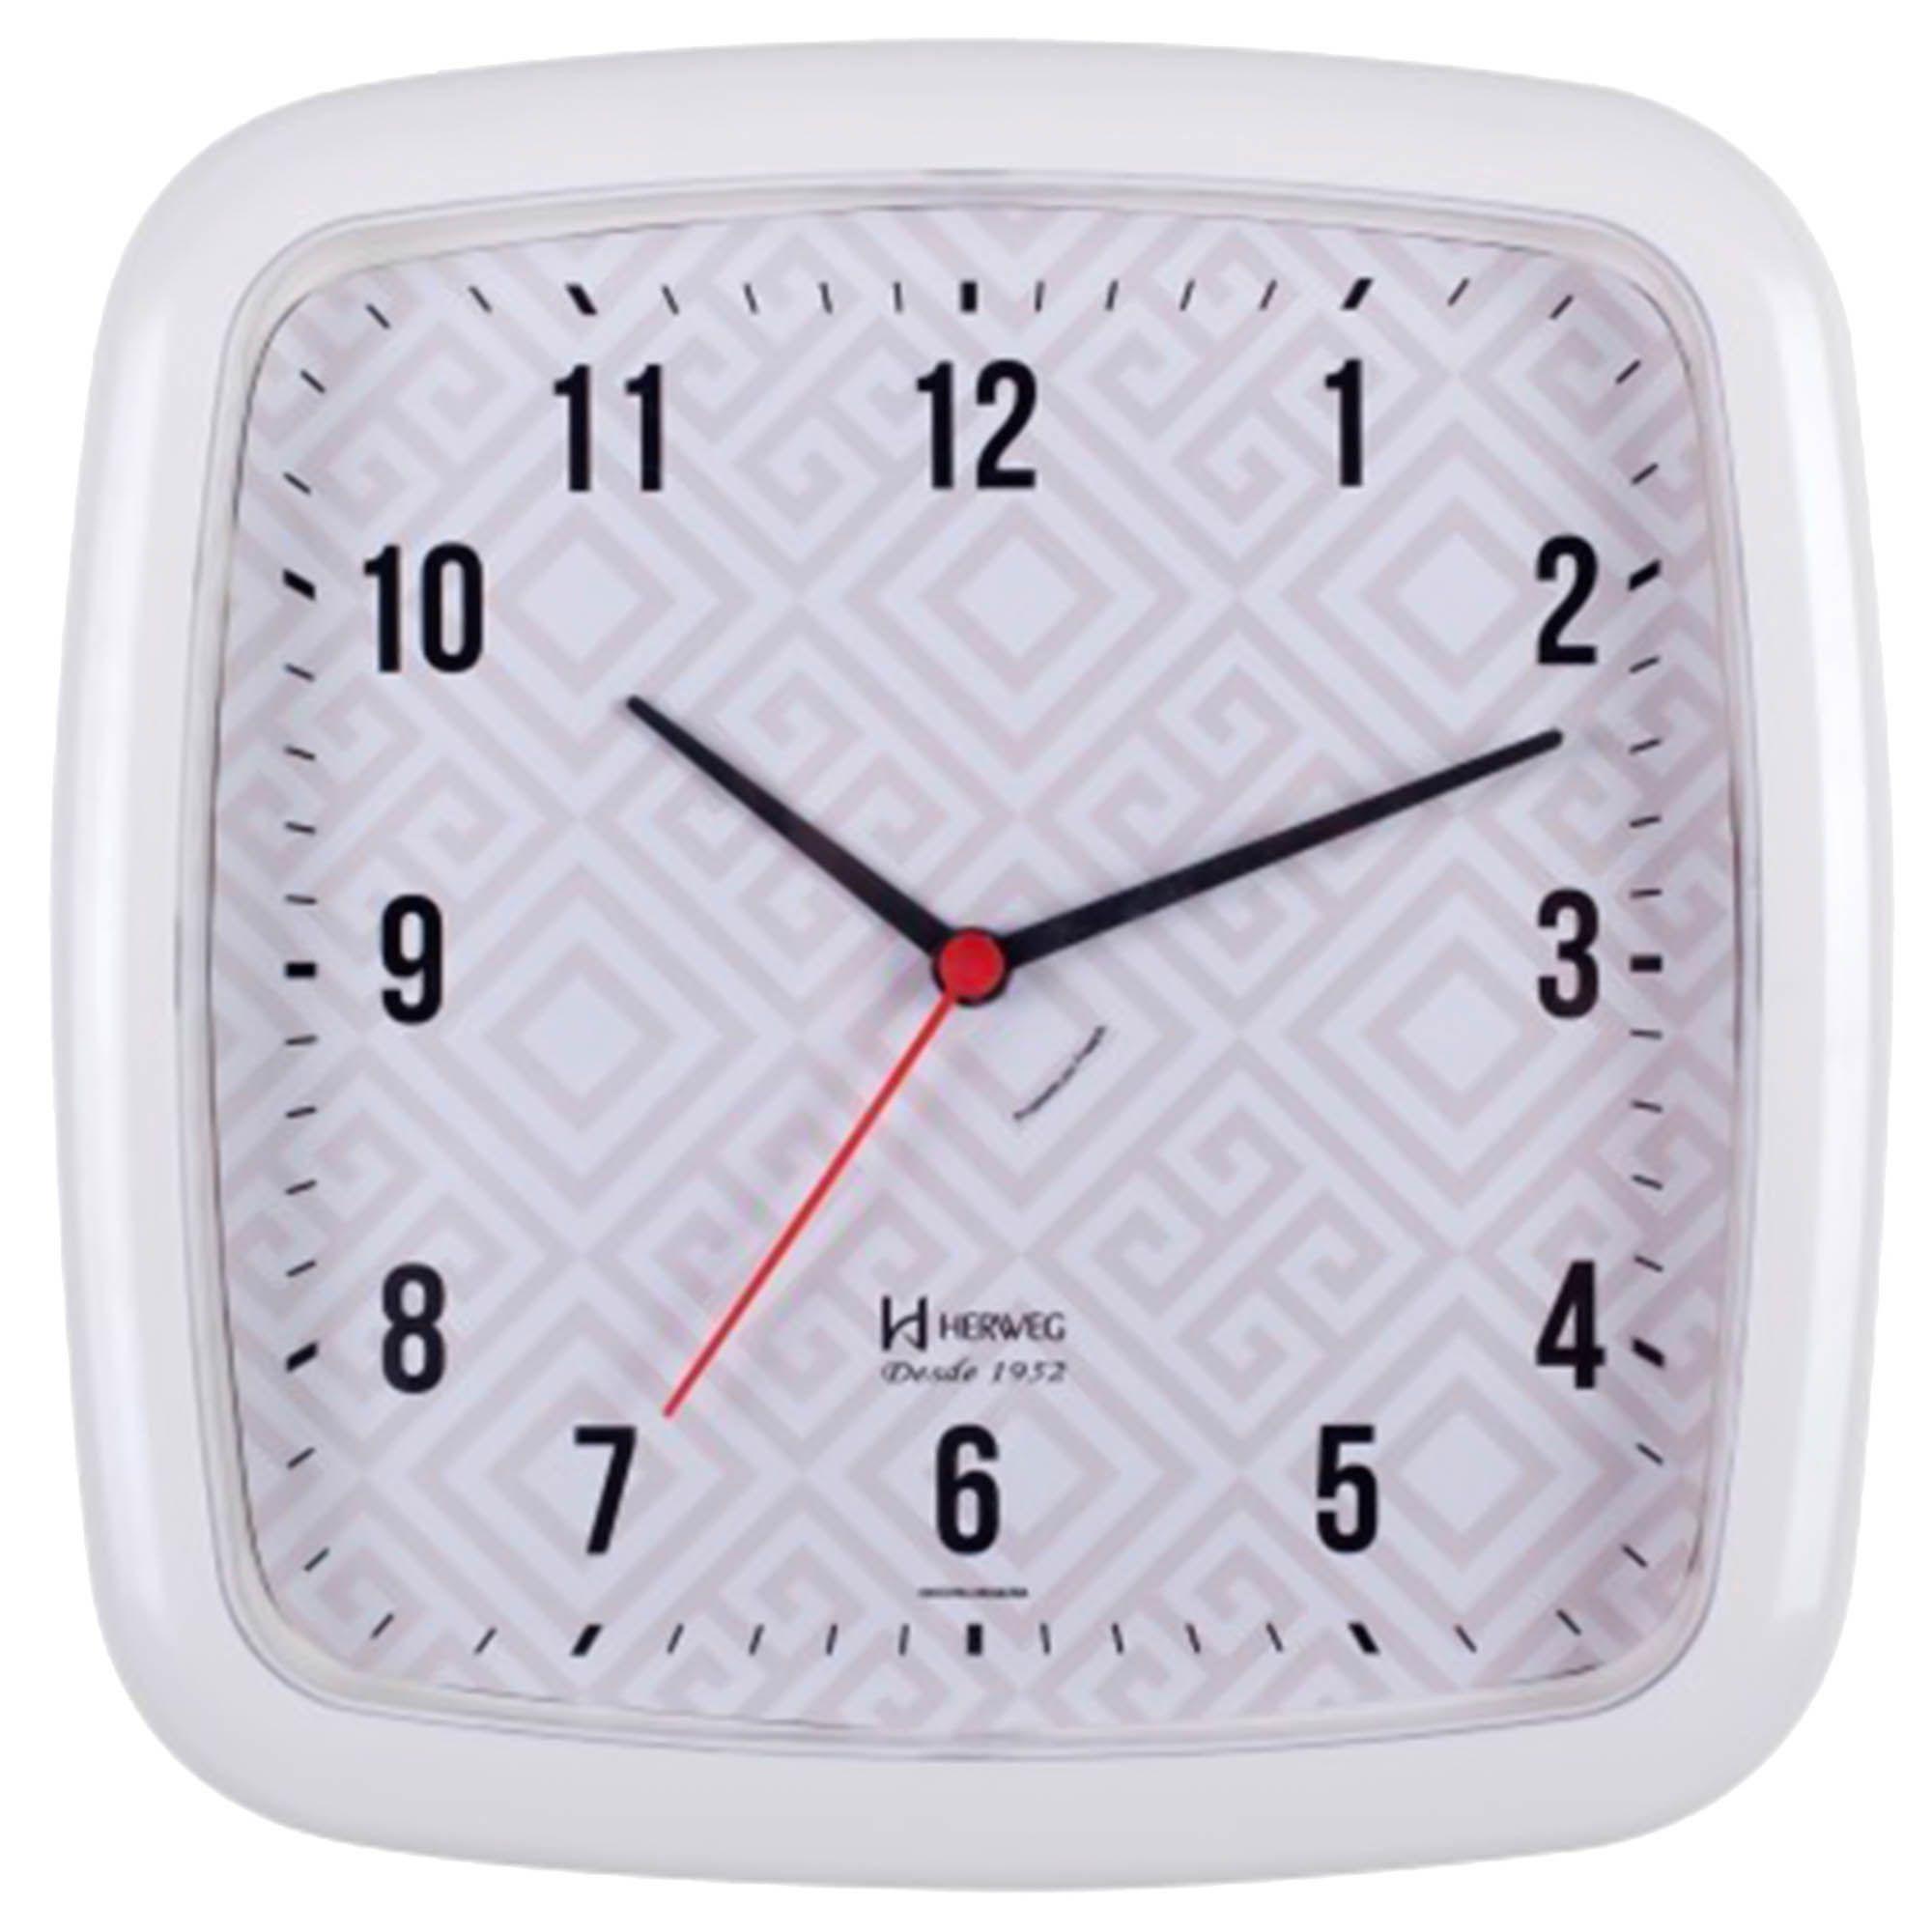 Relógio de Parede Analógico Herweg 660031 021 Branco